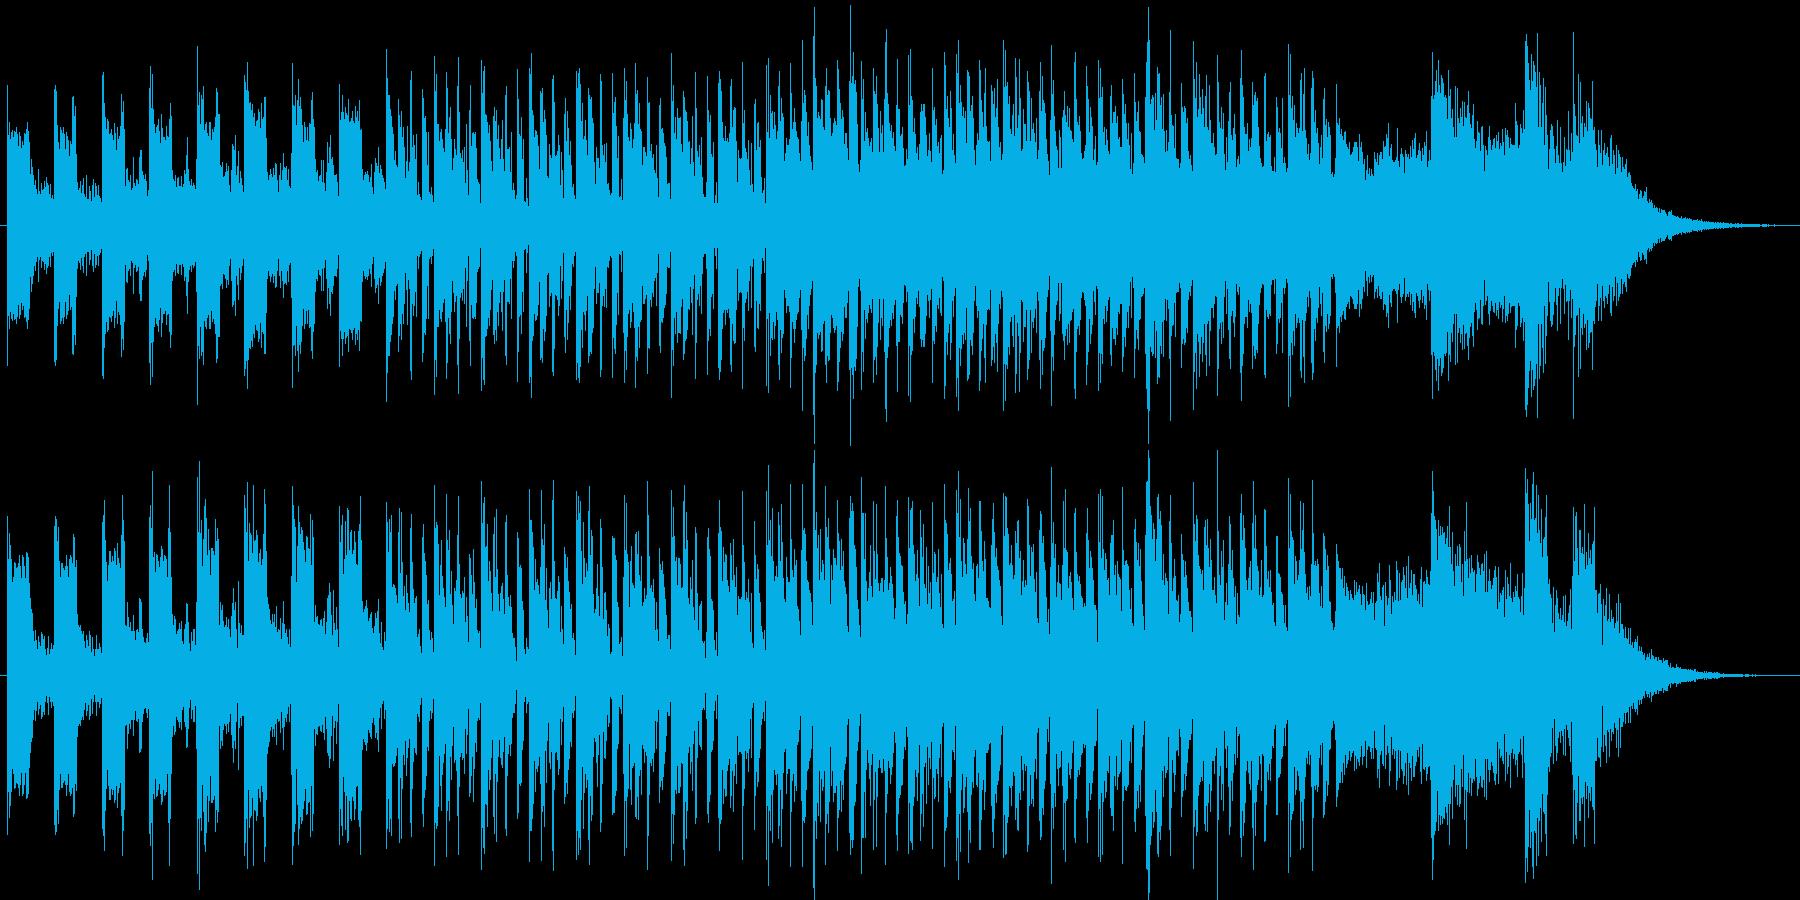 ヴァーチャル空間風テクノポップの再生済みの波形